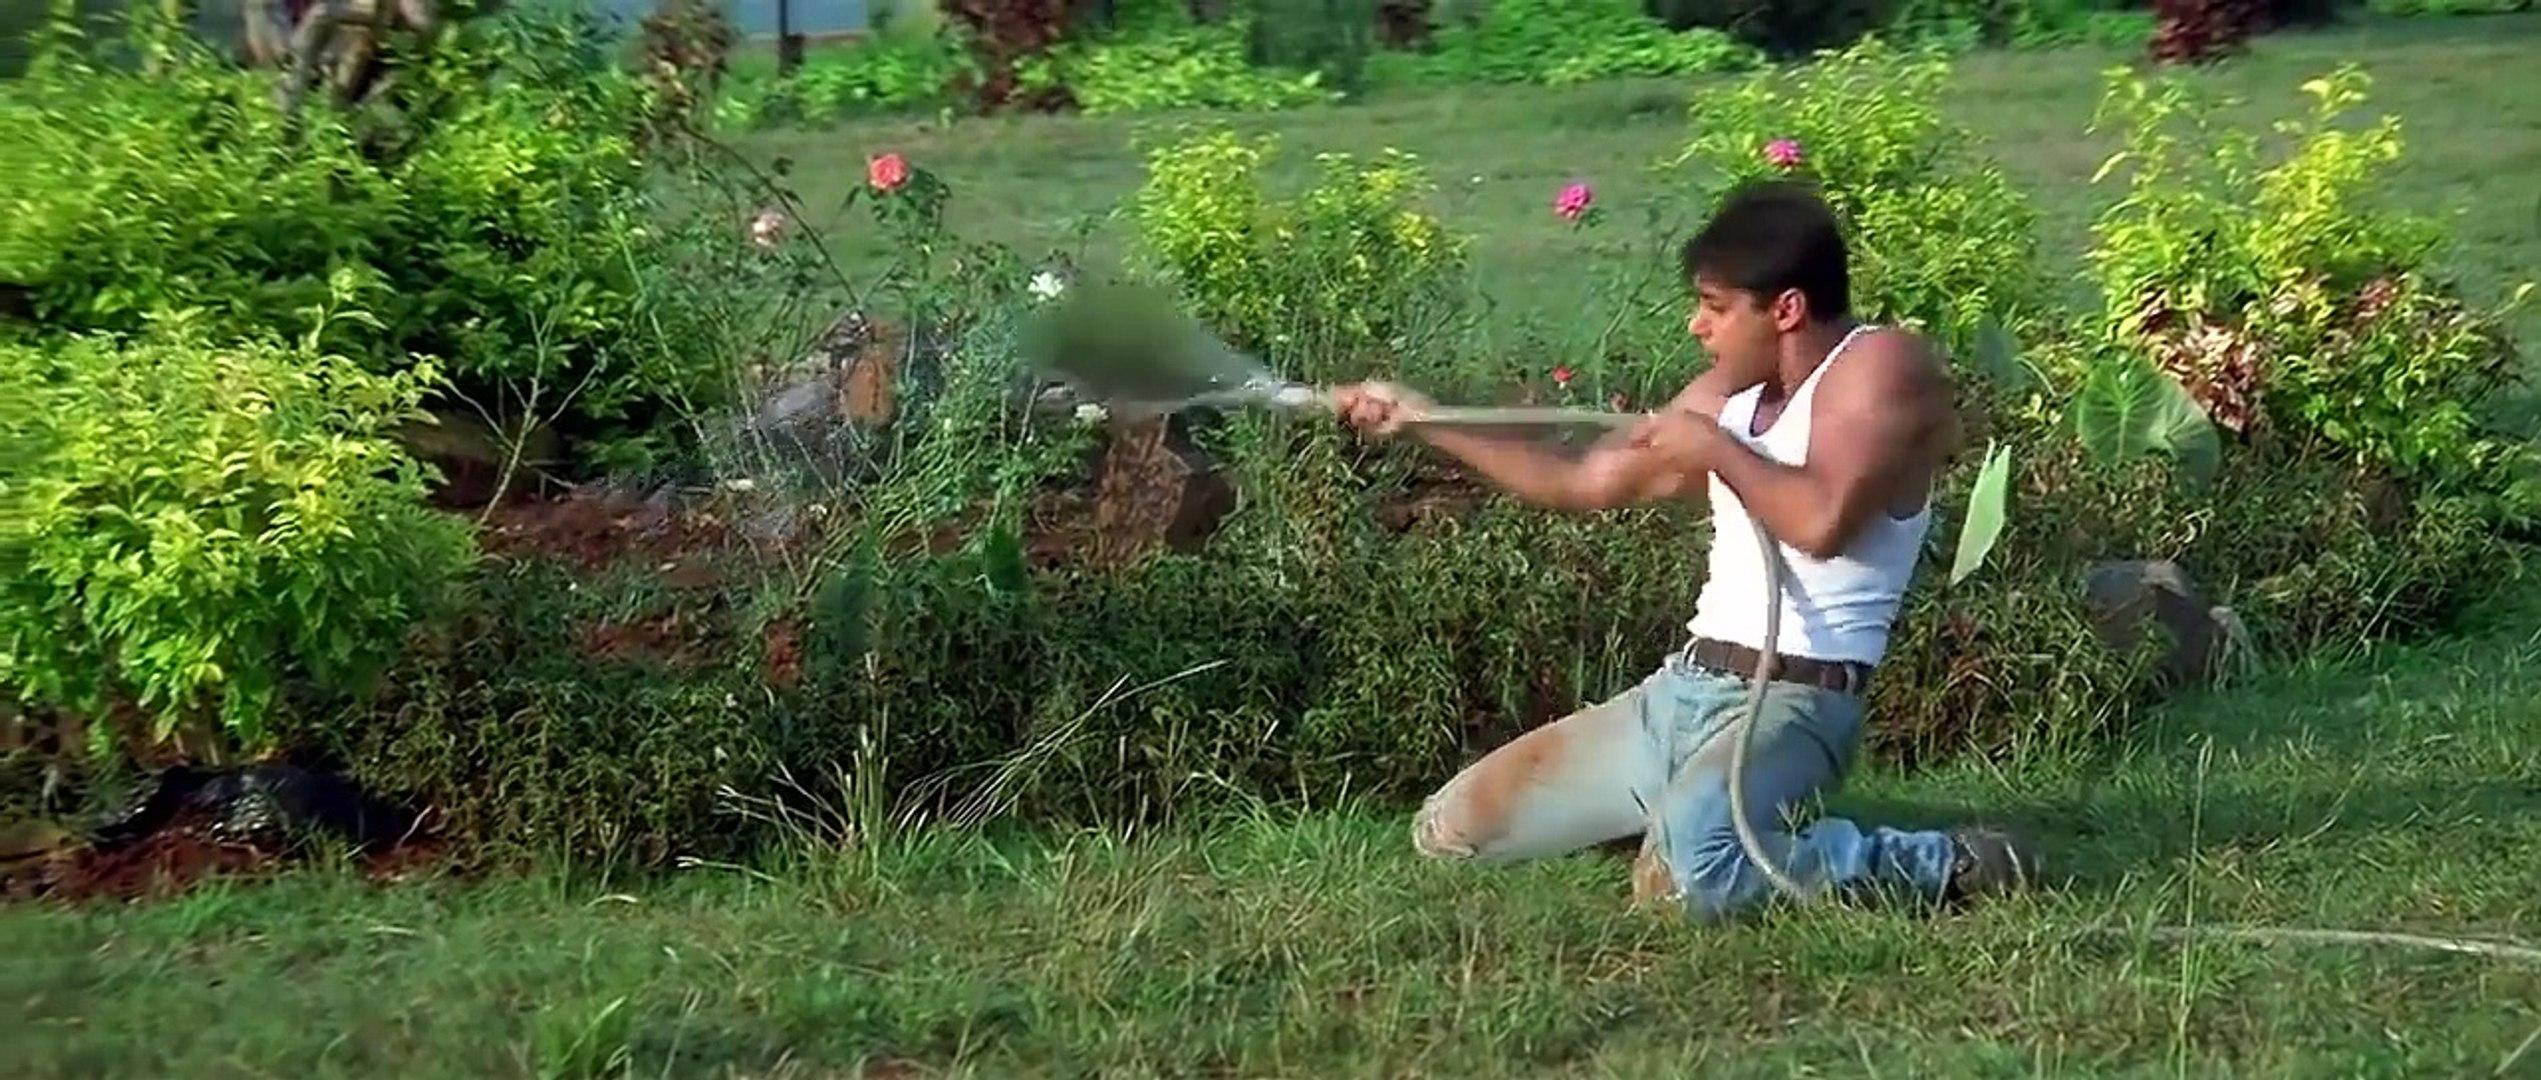 Salman Khan Acts Funny _ Hindi Movies